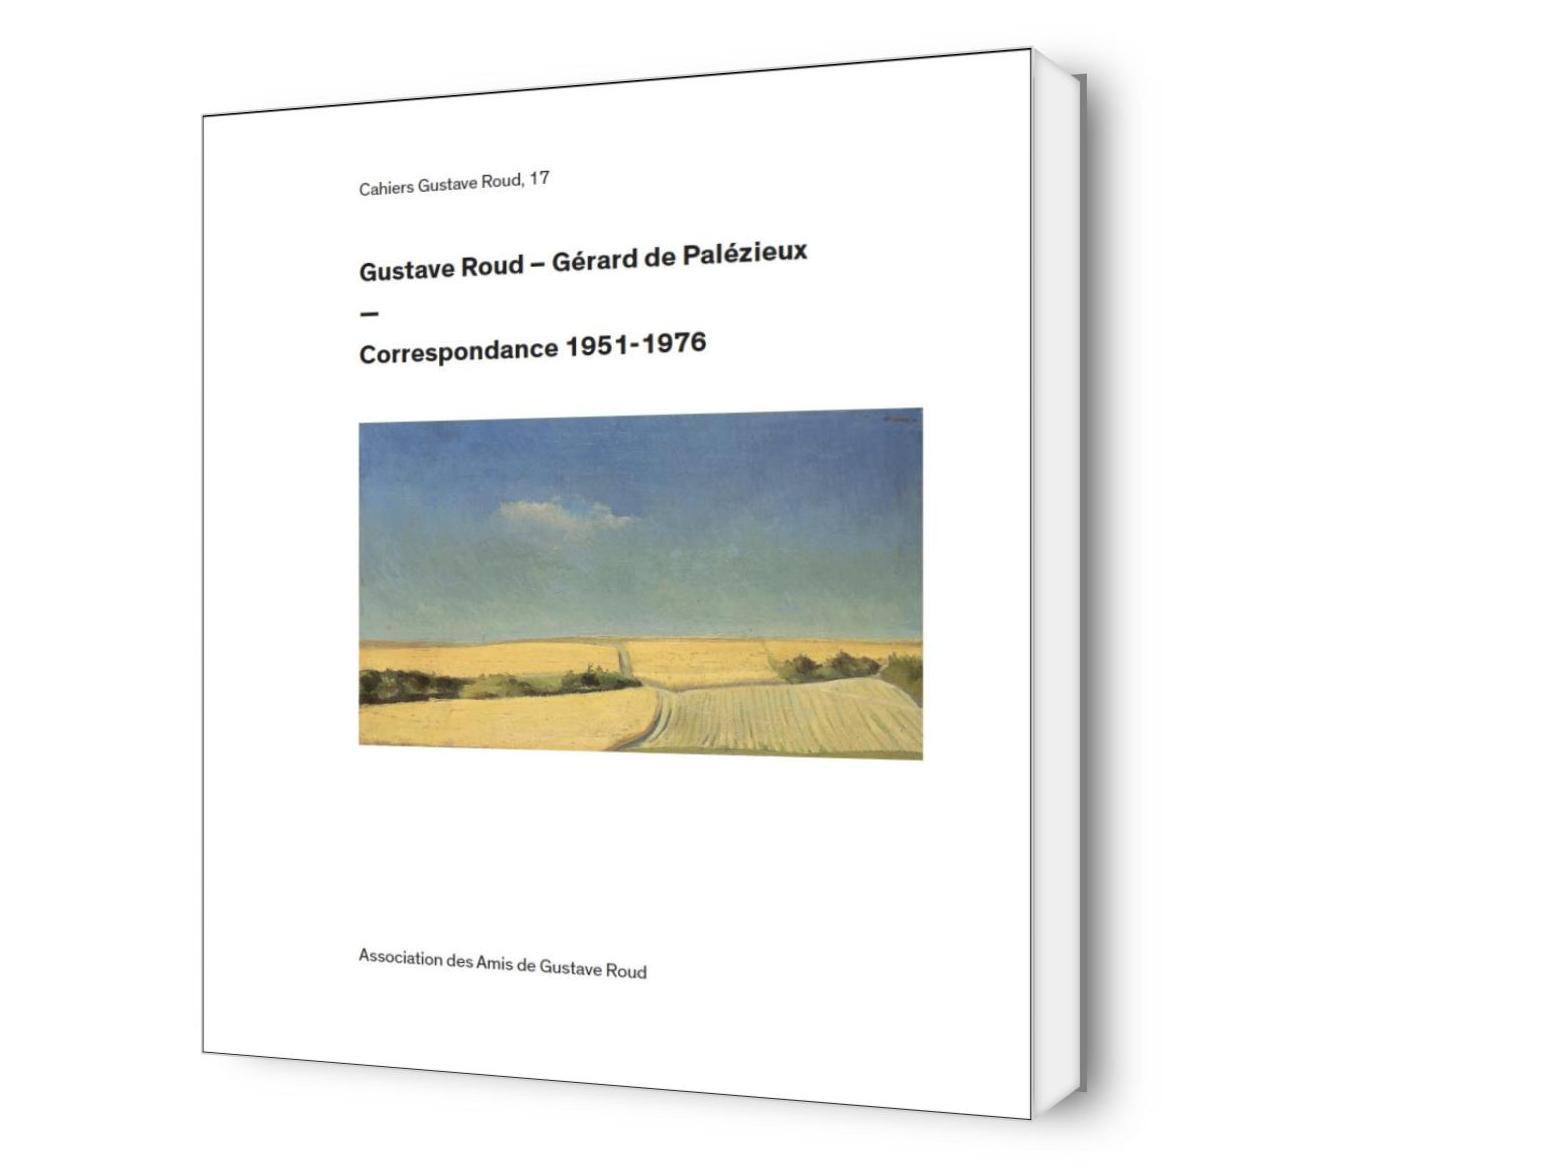 Gustave Roud – Gérard de Palézieux: Correspondance 1951-1976